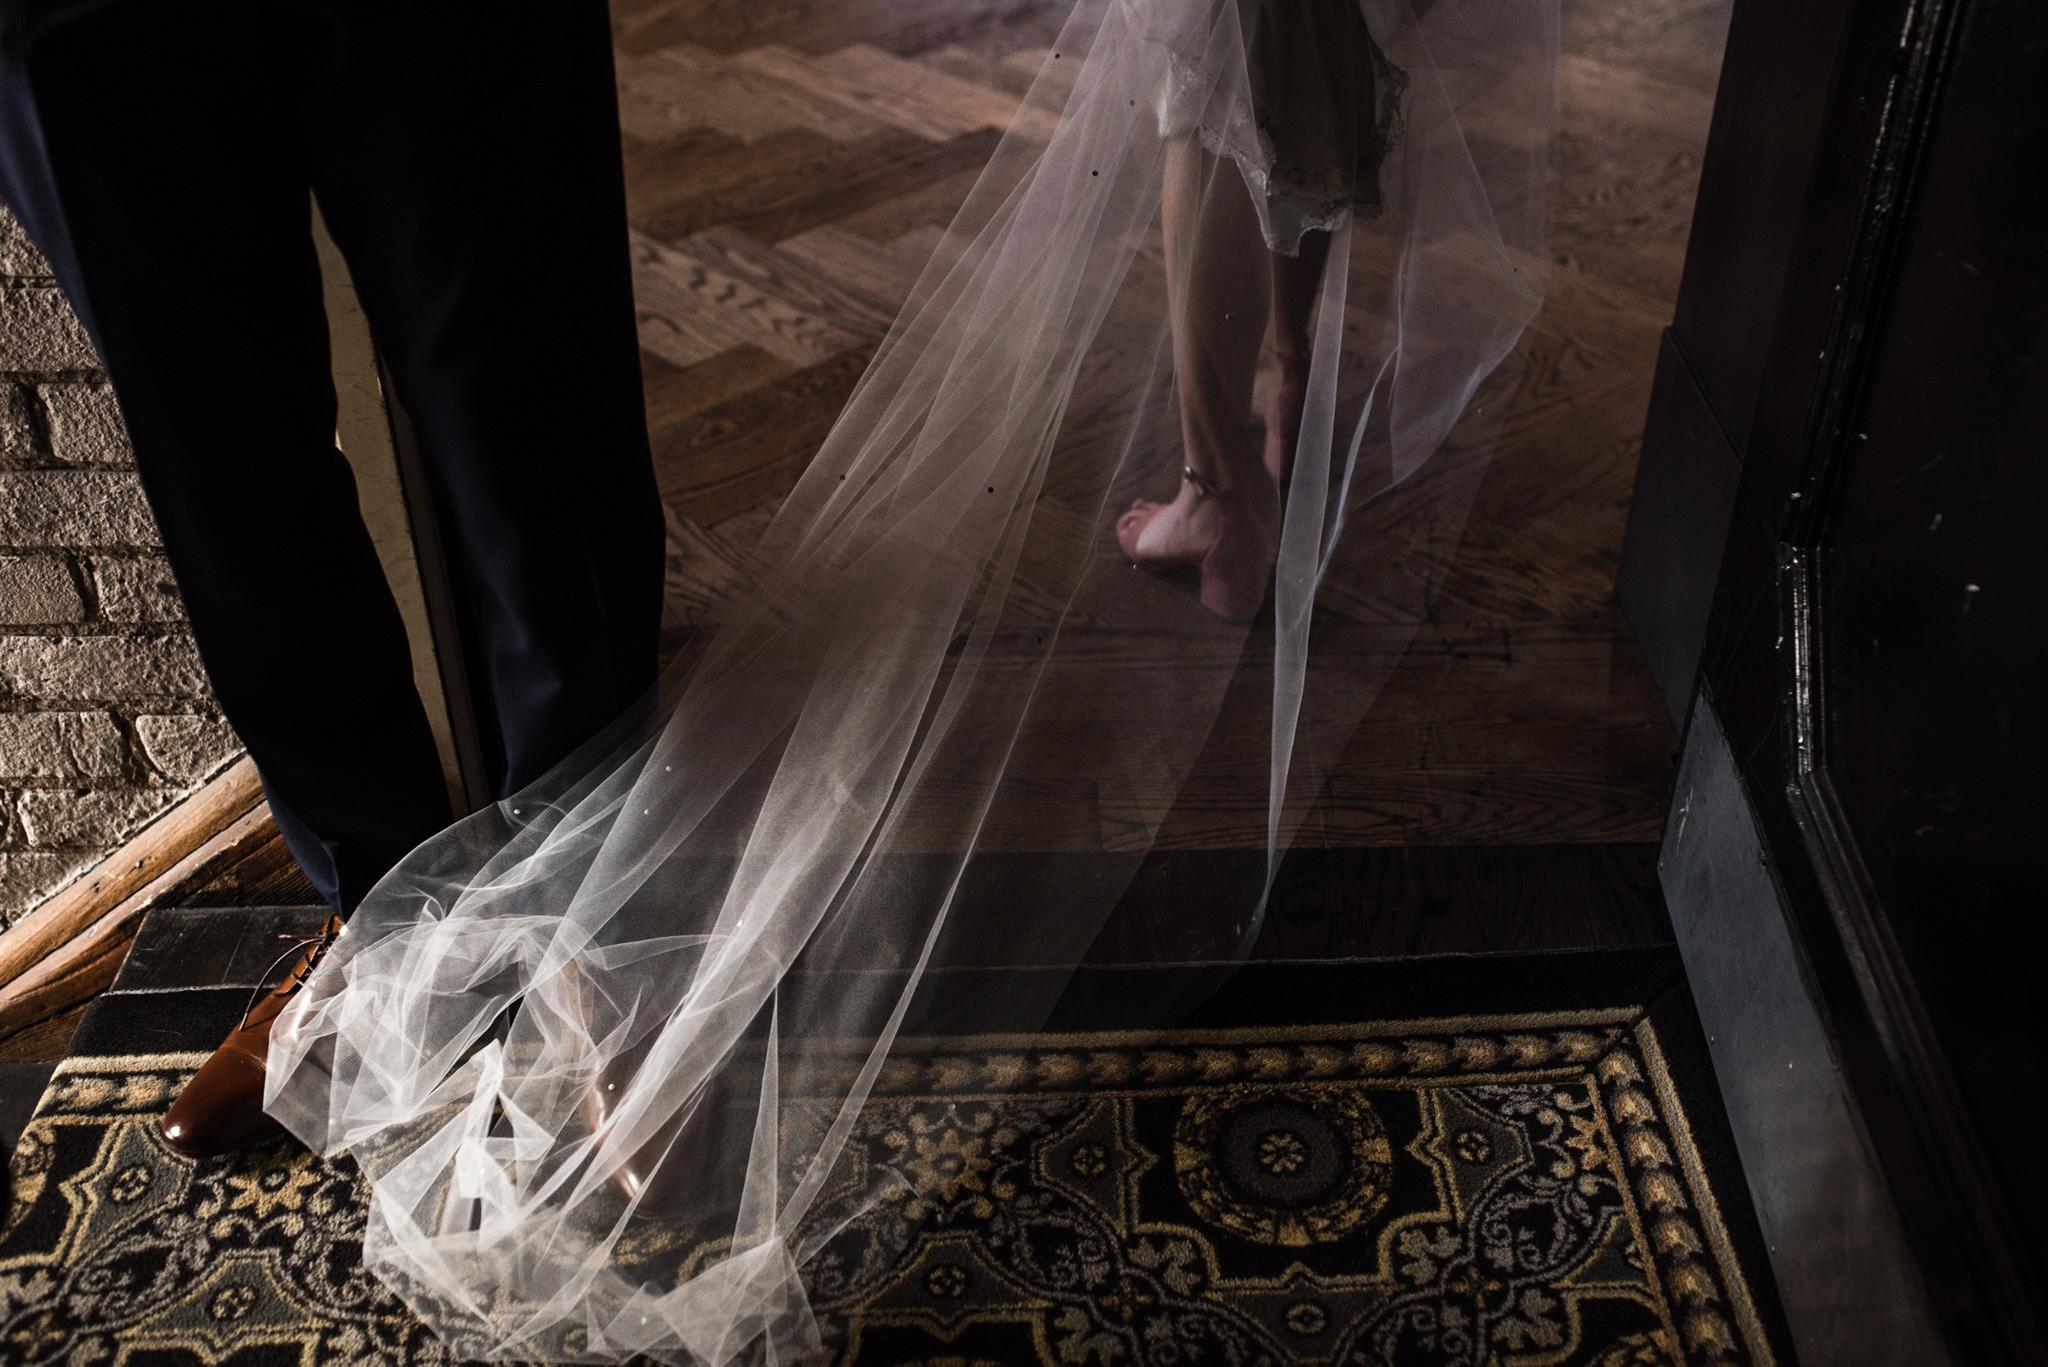 116-bride-groom-candid-industrial-modern-wedding-storys-buliding-toronto.jpg